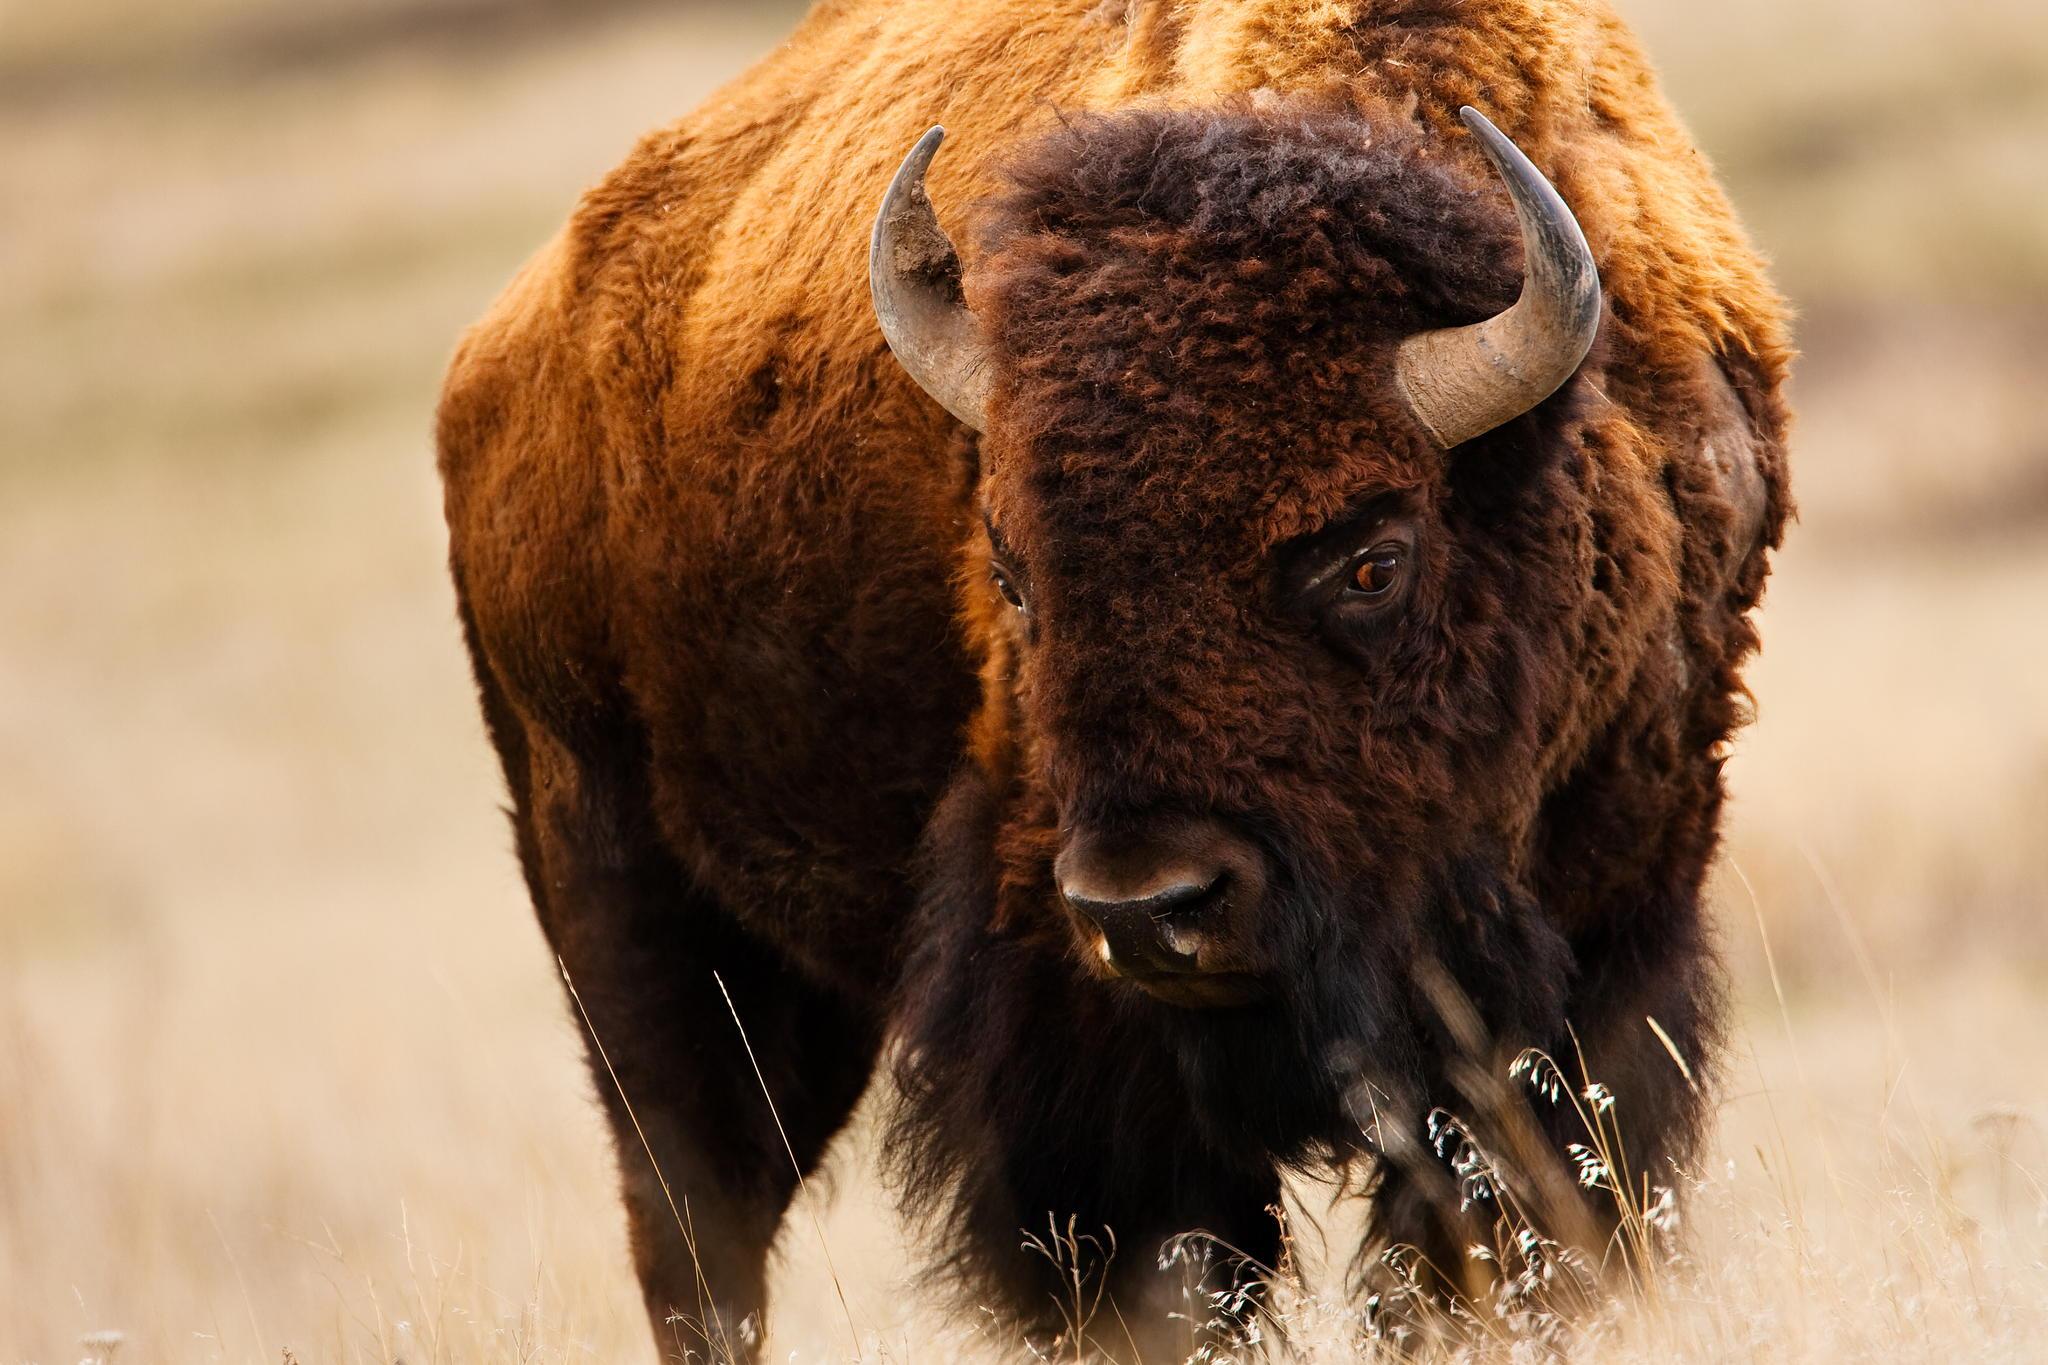 животное бизон картинки таким